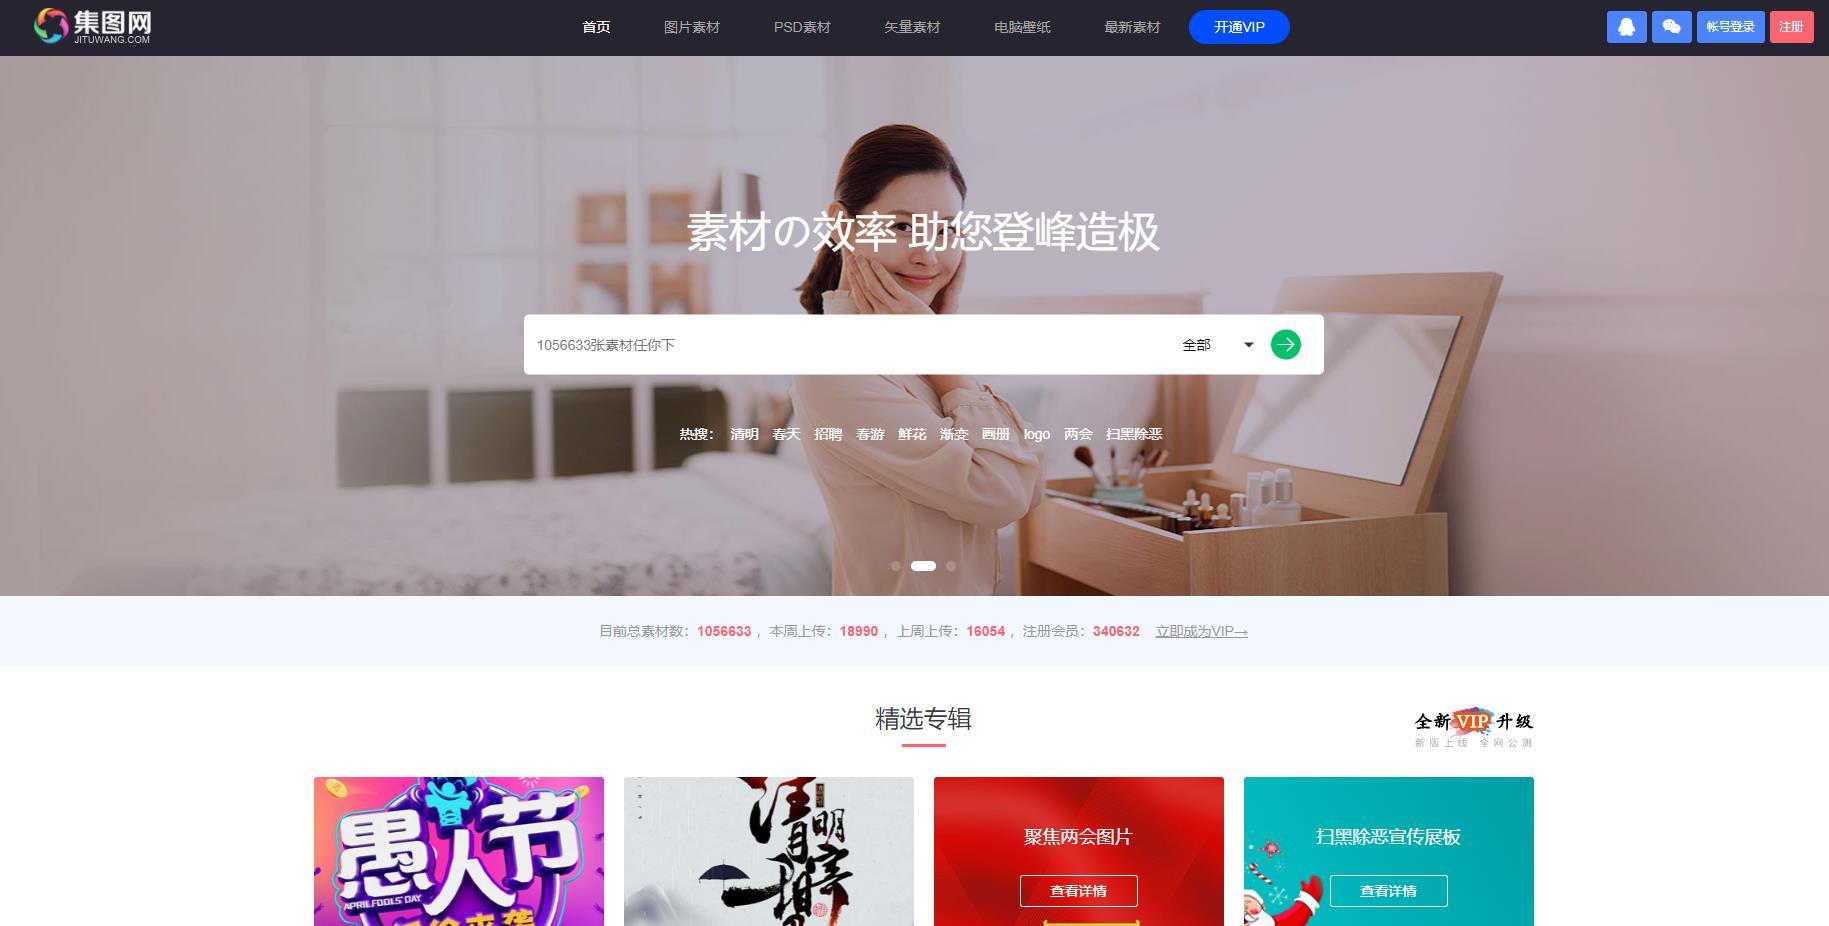 集图网(jituwang)设计素材,图片素材,素材,素材网,汇集海量素材图片